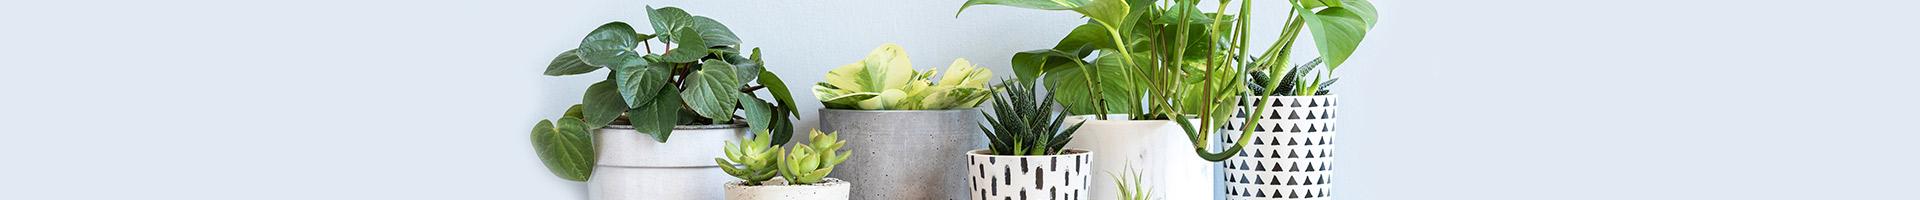 צמחי אוויר - שדה פרחים משלוחי פרחים